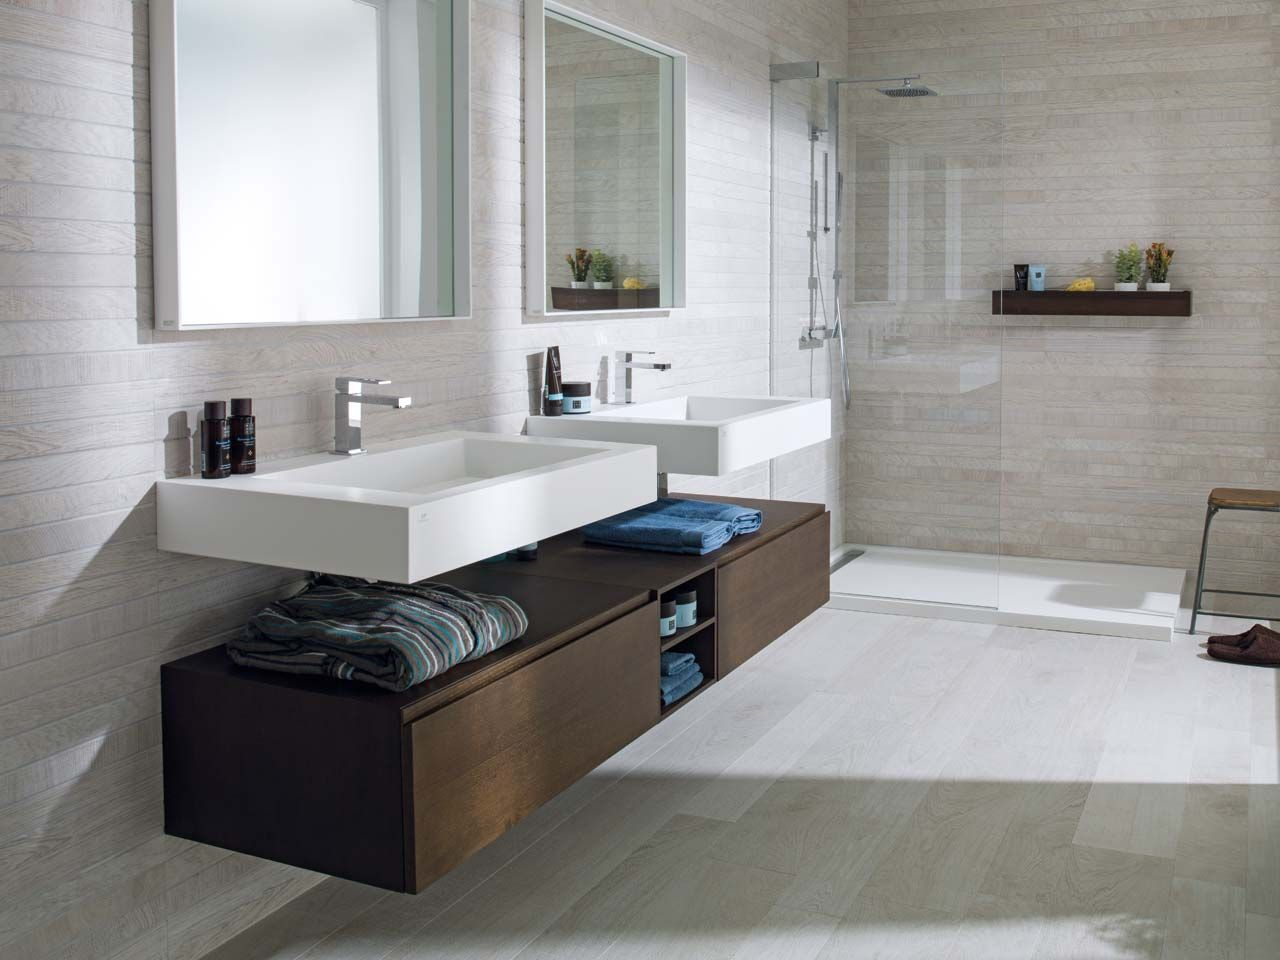 krion collections de salles de bains ras salle de bain. Black Bedroom Furniture Sets. Home Design Ideas